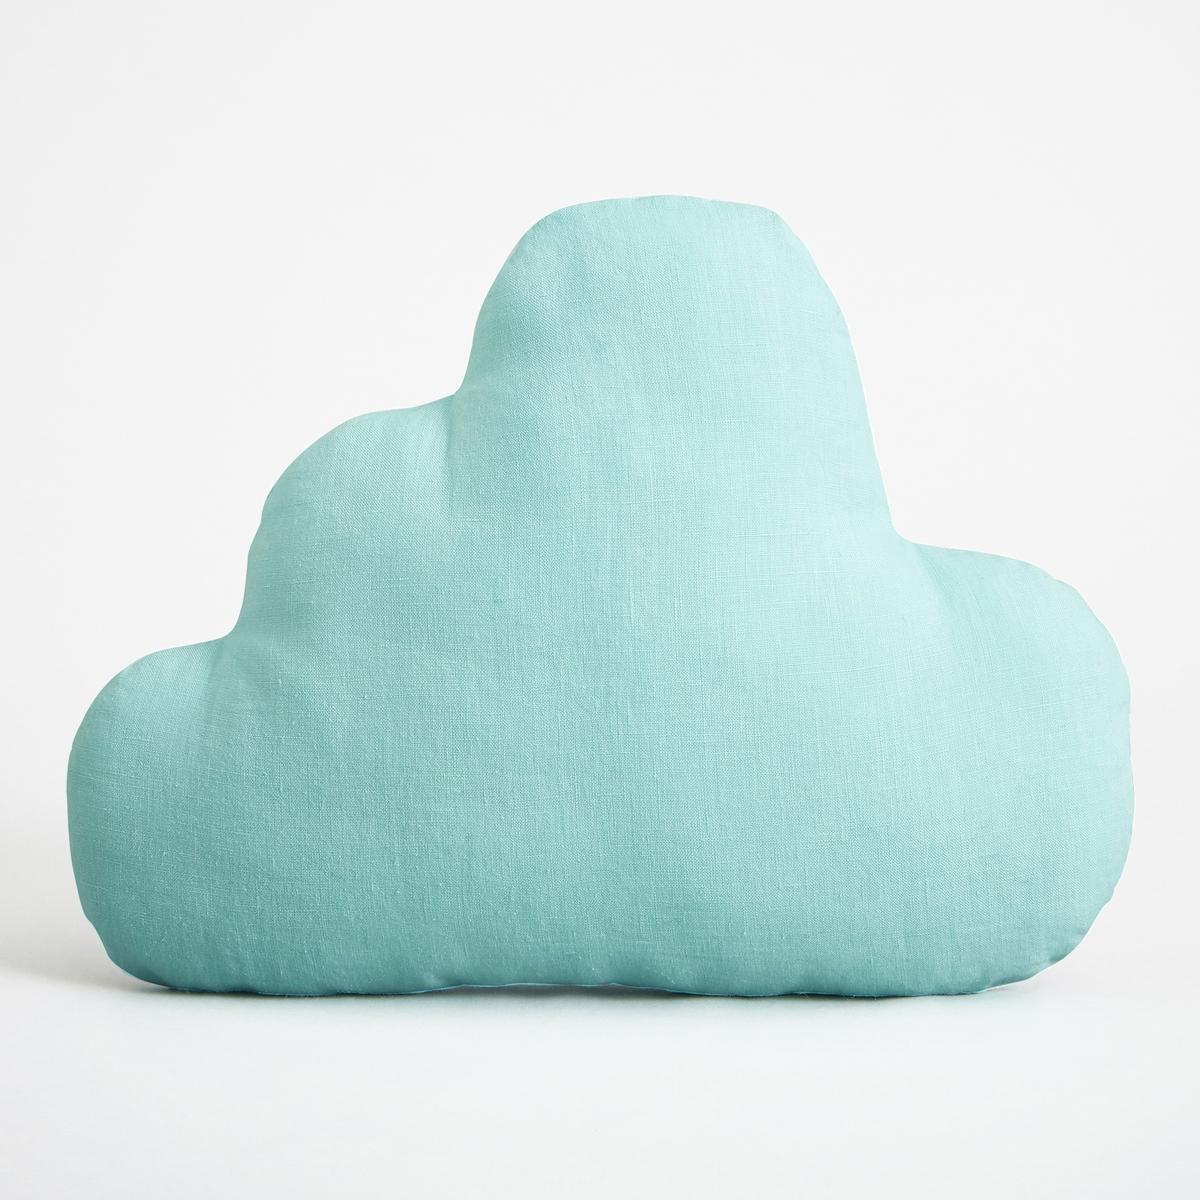 Подушка-облако AchenzaПодушка Achenza. Подушка-облако добавит нежности в интерьер спальни малыша. Из 100% двухцветного льна. Мягкий наполнитель из волокон полиэстера. Стирать при 40°C. Размеры : Д37 x В27 см.<br><br>Цвет: голубой бирюзовый